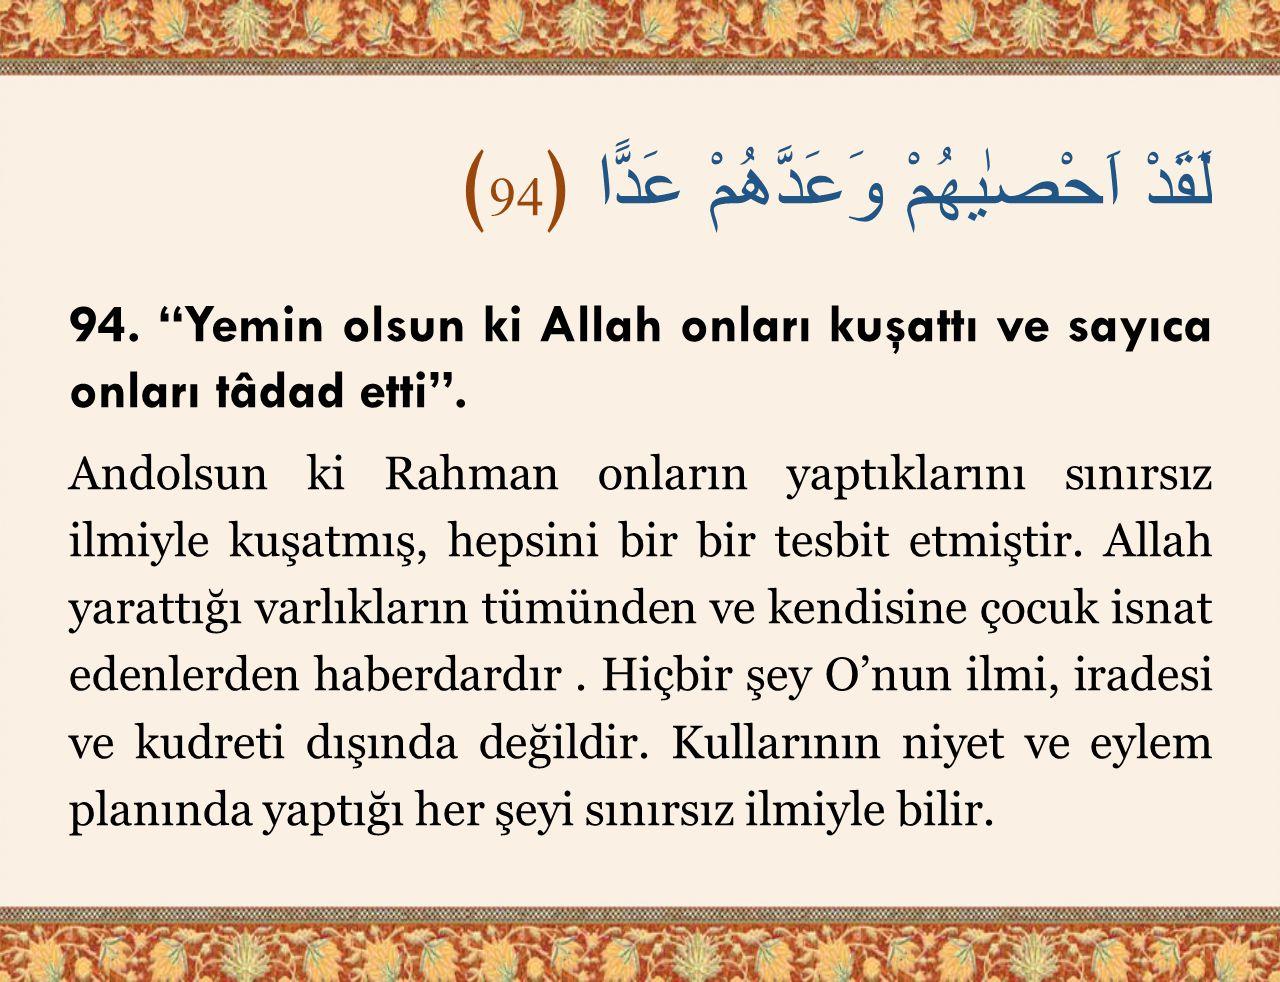 """لَقَدْ اَحْصٰيهُمْ وَعَدَّهُمْ عَدًّا ﴿ 94 ﴾ 94. """"Yemin olsun ki Allah onları kuşattı ve sayıca onları tâdad etti"""". Andolsun ki Rahman onların yaptıkl"""